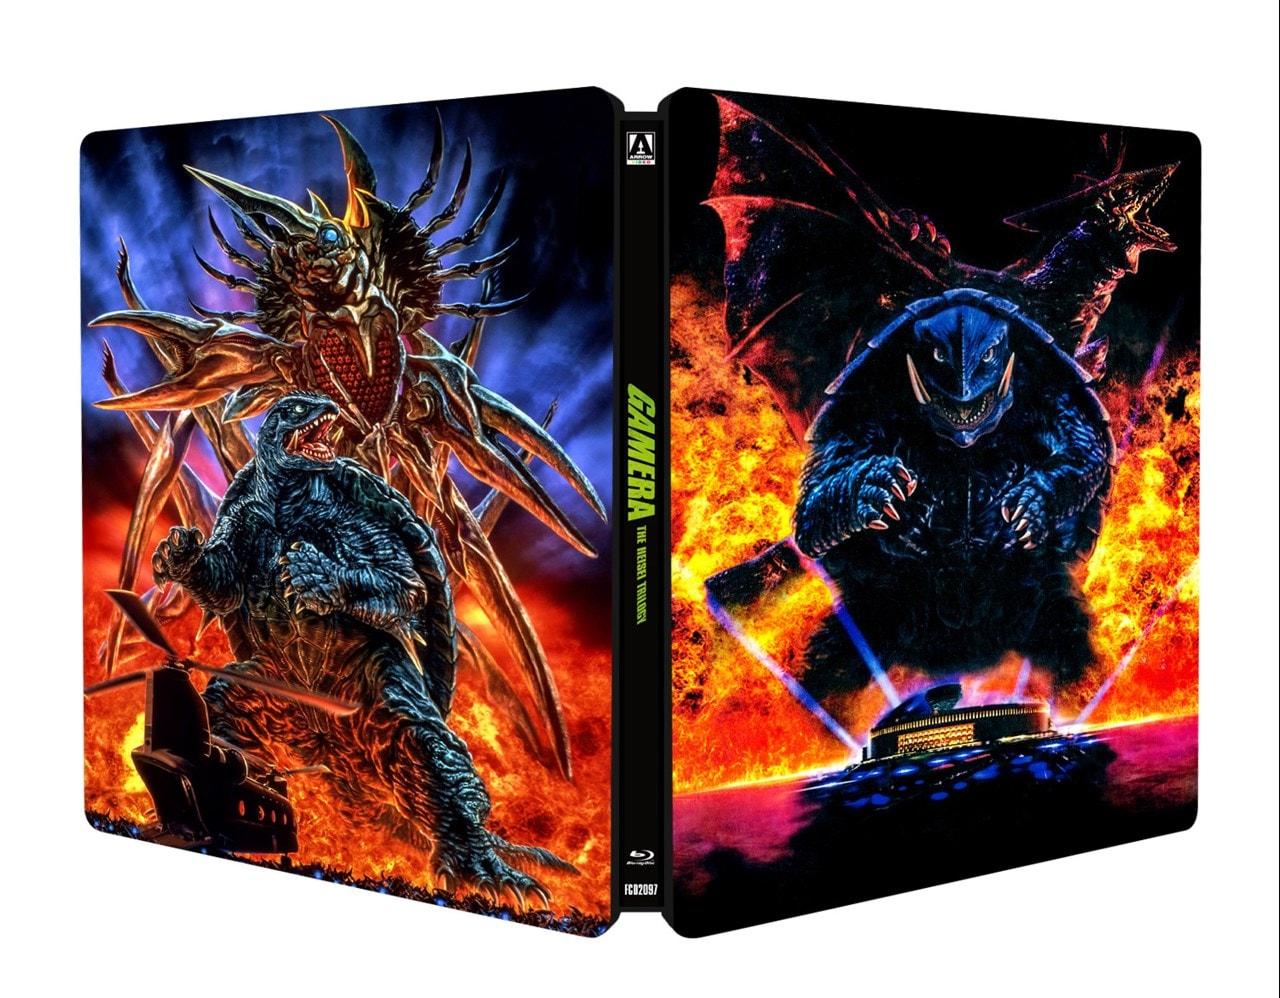 Gamera: The Heisei Trilogy - 4